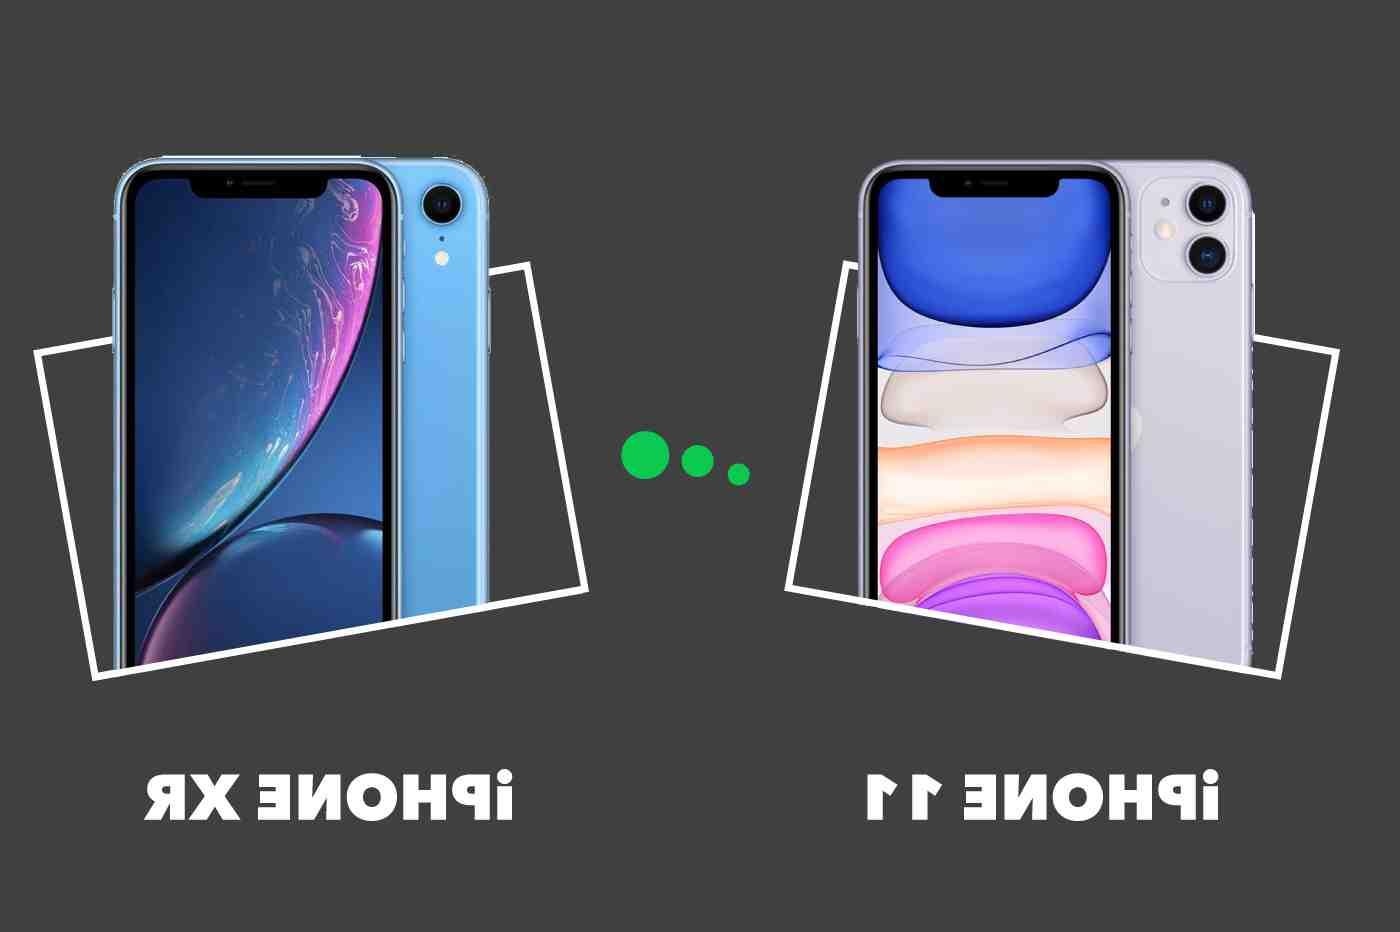 Iphone 12 mini contre iphone xr